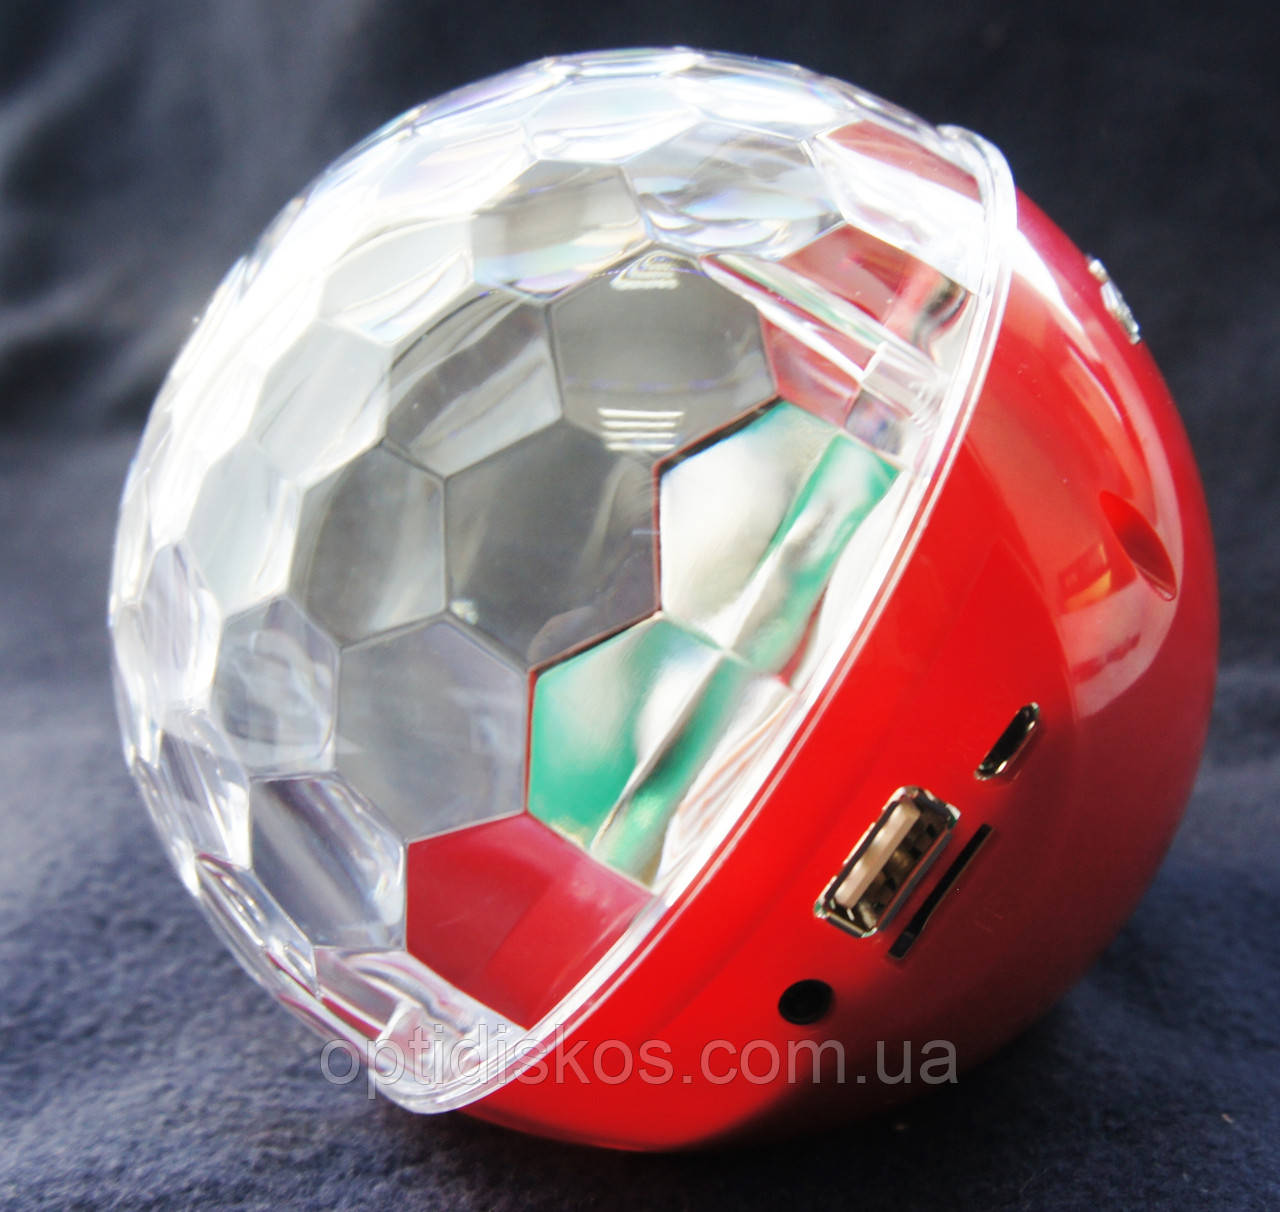 Bluetooth портативная колонка, MP3 плеер, диско-шар, YPS-D108, красная